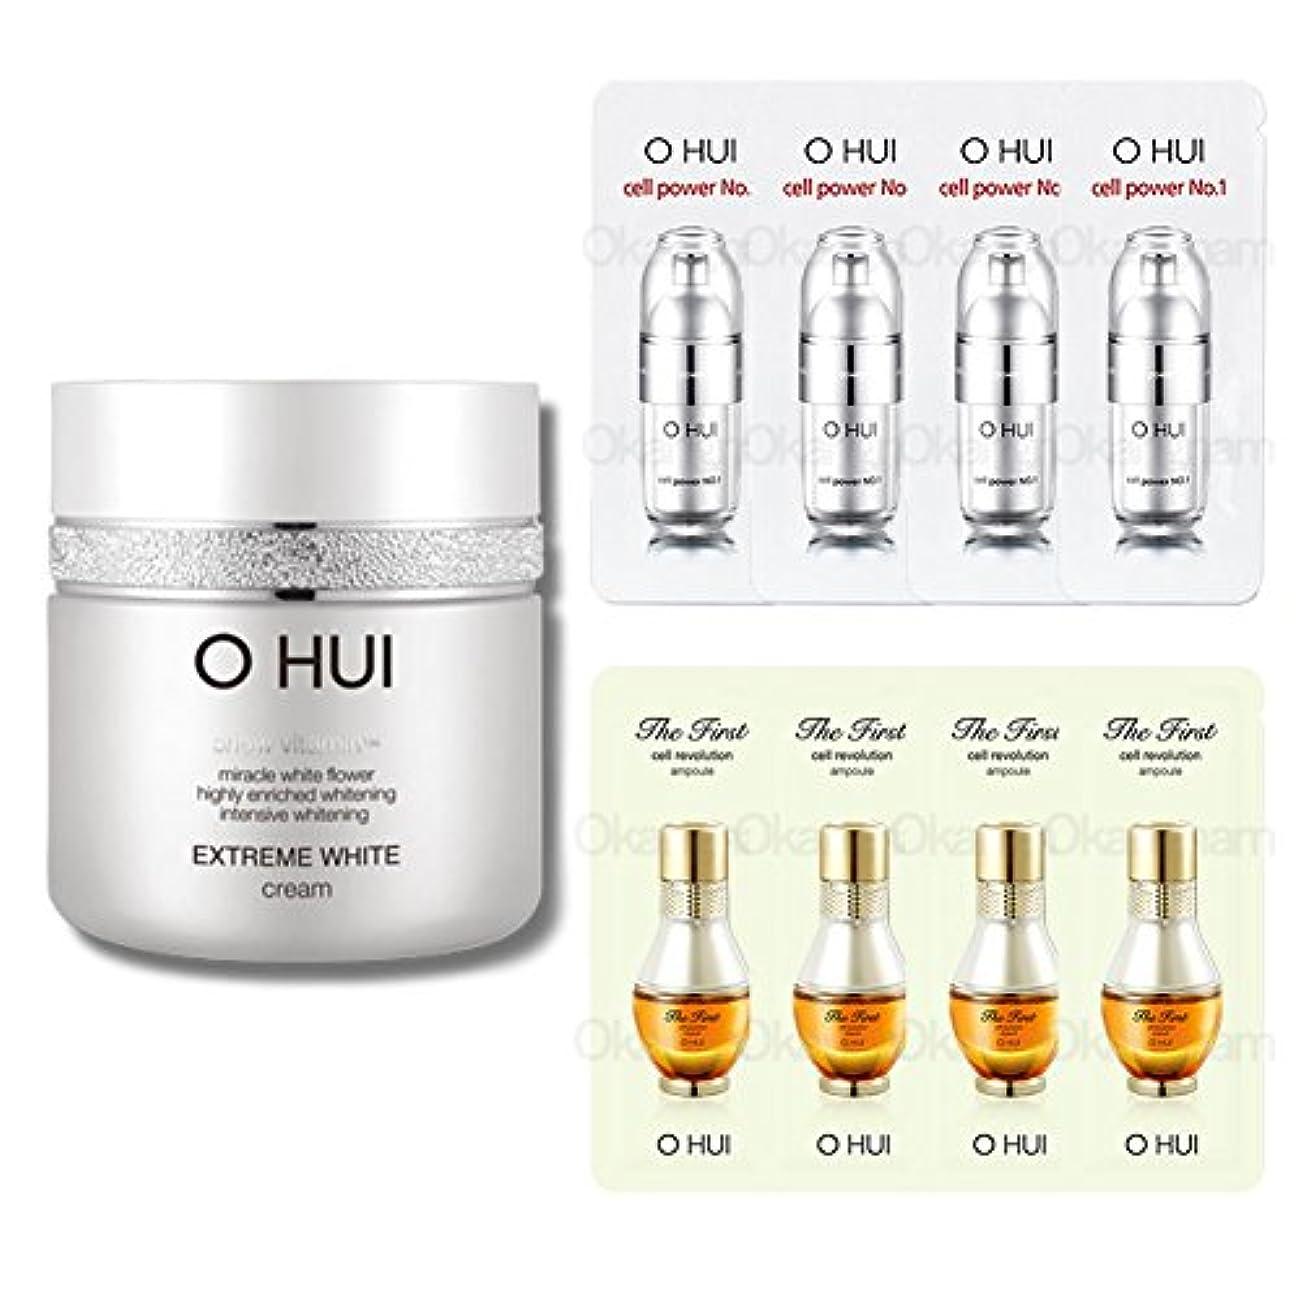 もし合わせて公式[オフィ/ O HUI]韓国化粧品 LG生活健康/ OHUI OEW04 EXTREME WHITE CREAM/オフィ エクストリーム ホワイトクリーム 50ml +[Sample Gift](海外直送品)